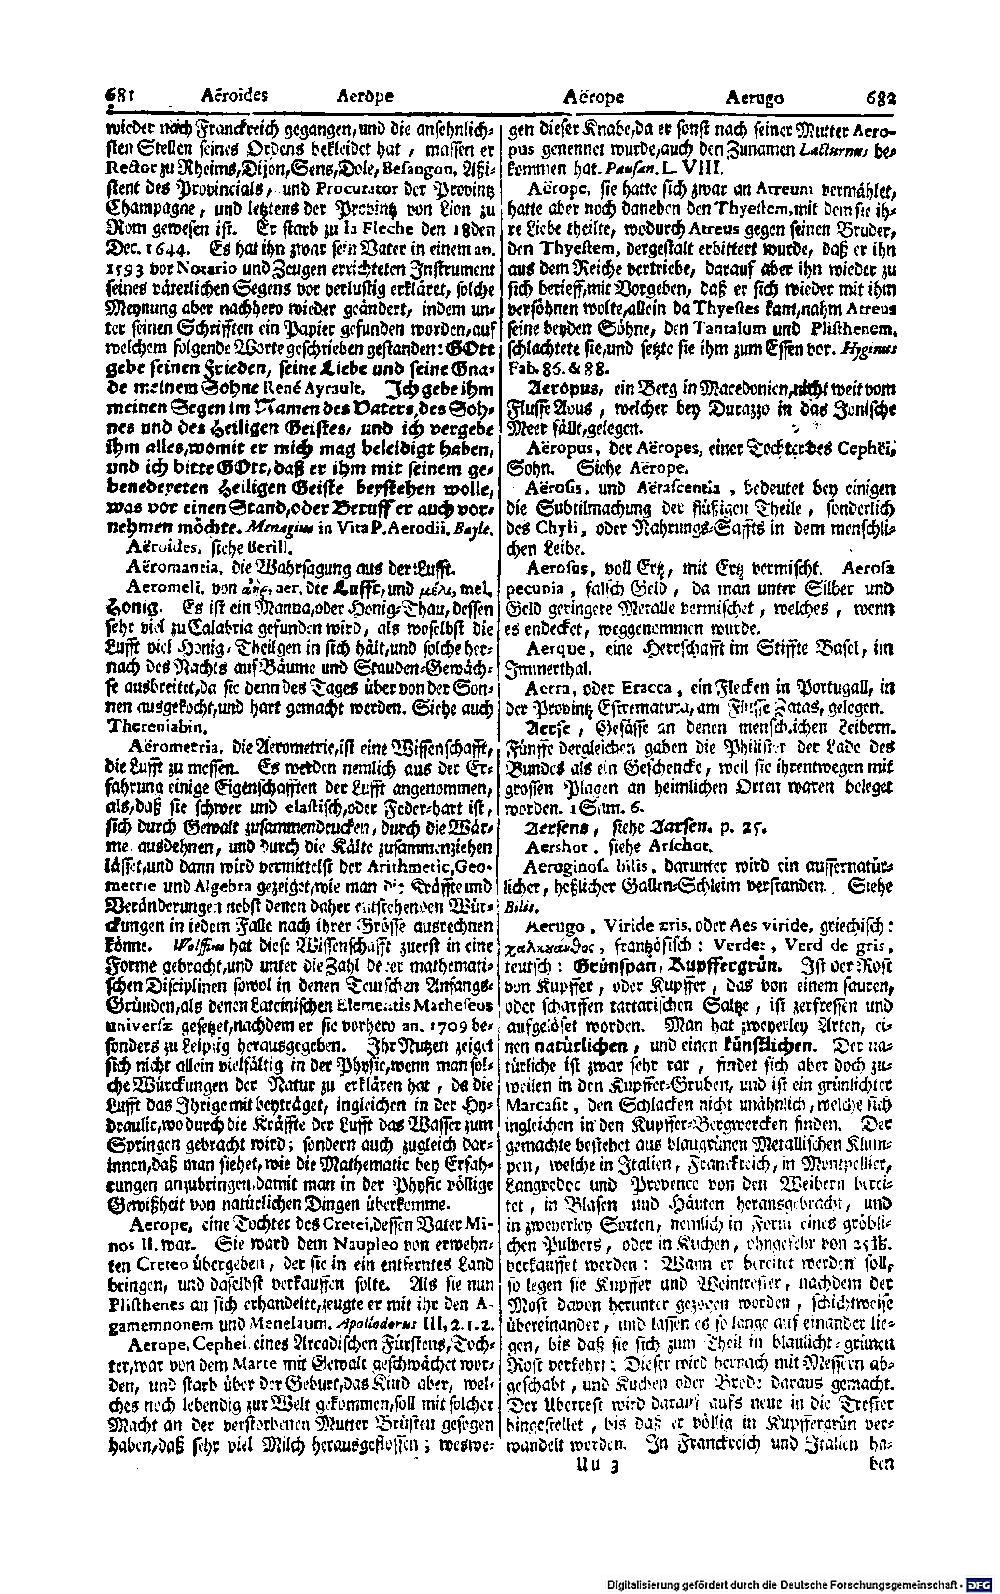 Bd. 01, Seite 0380.